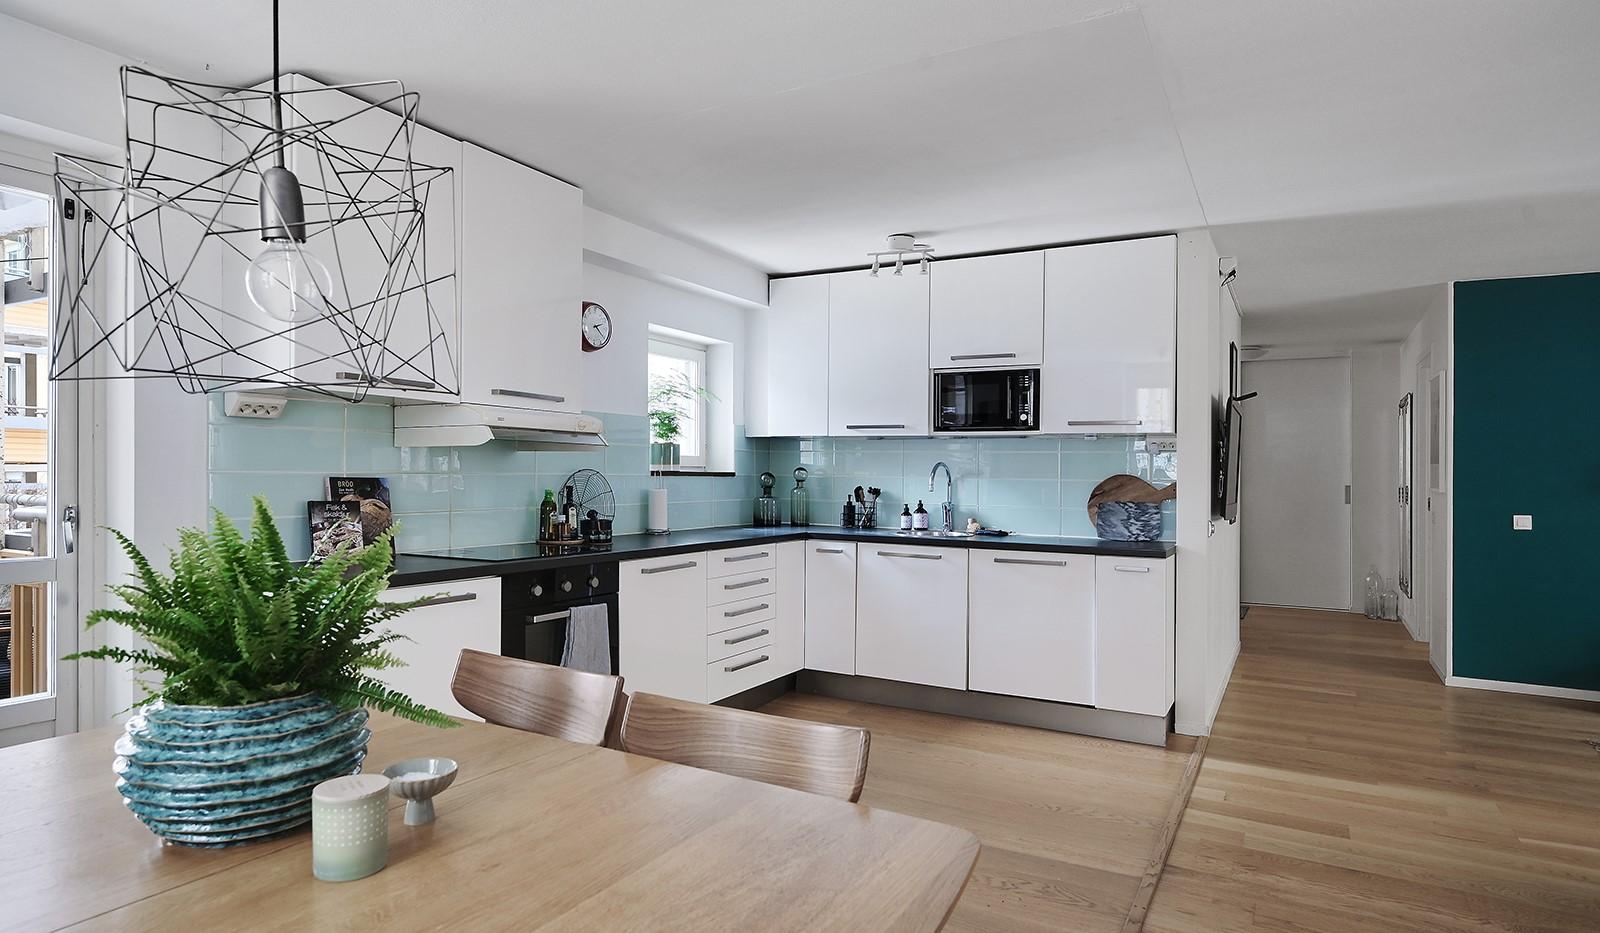 Ringvägen 41B, 2 tr - Det ljusa kaklet piggar upp köket med en harmonisk kulör